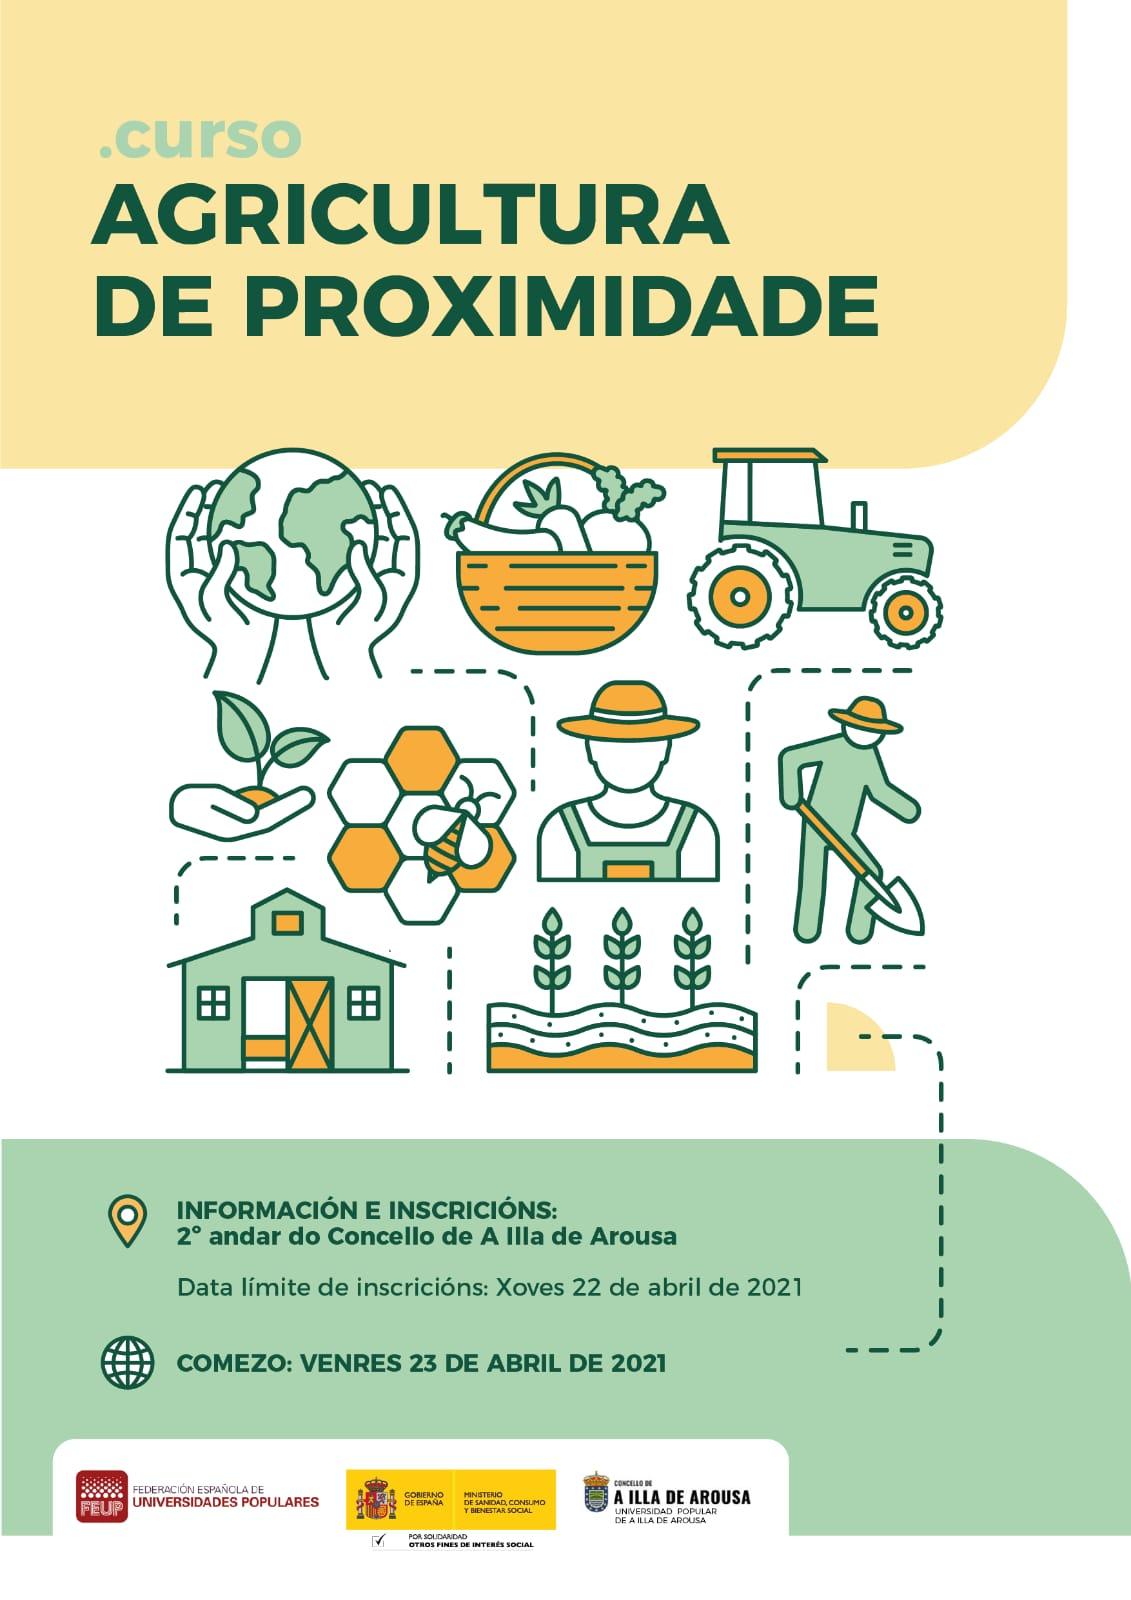 Curso de Agricultura de proximidade